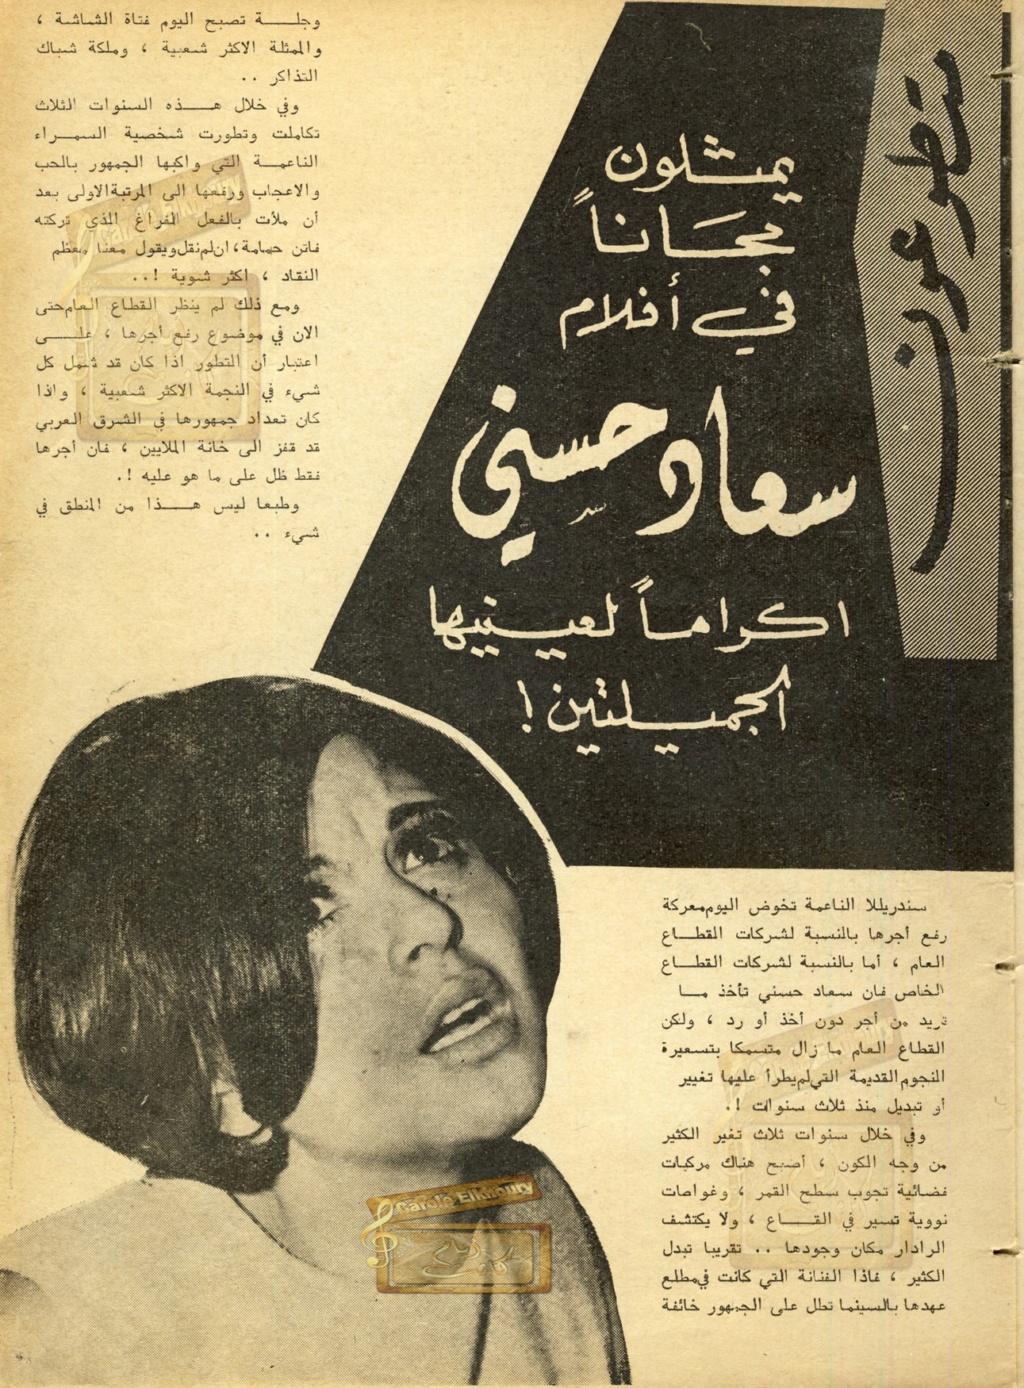 مقال - مقال صحفي : متطوعون يمثلون مجاناً قي أفلام سعاد حسني .. اكراماً لعينيها الجميلتين ! 1967 م 170